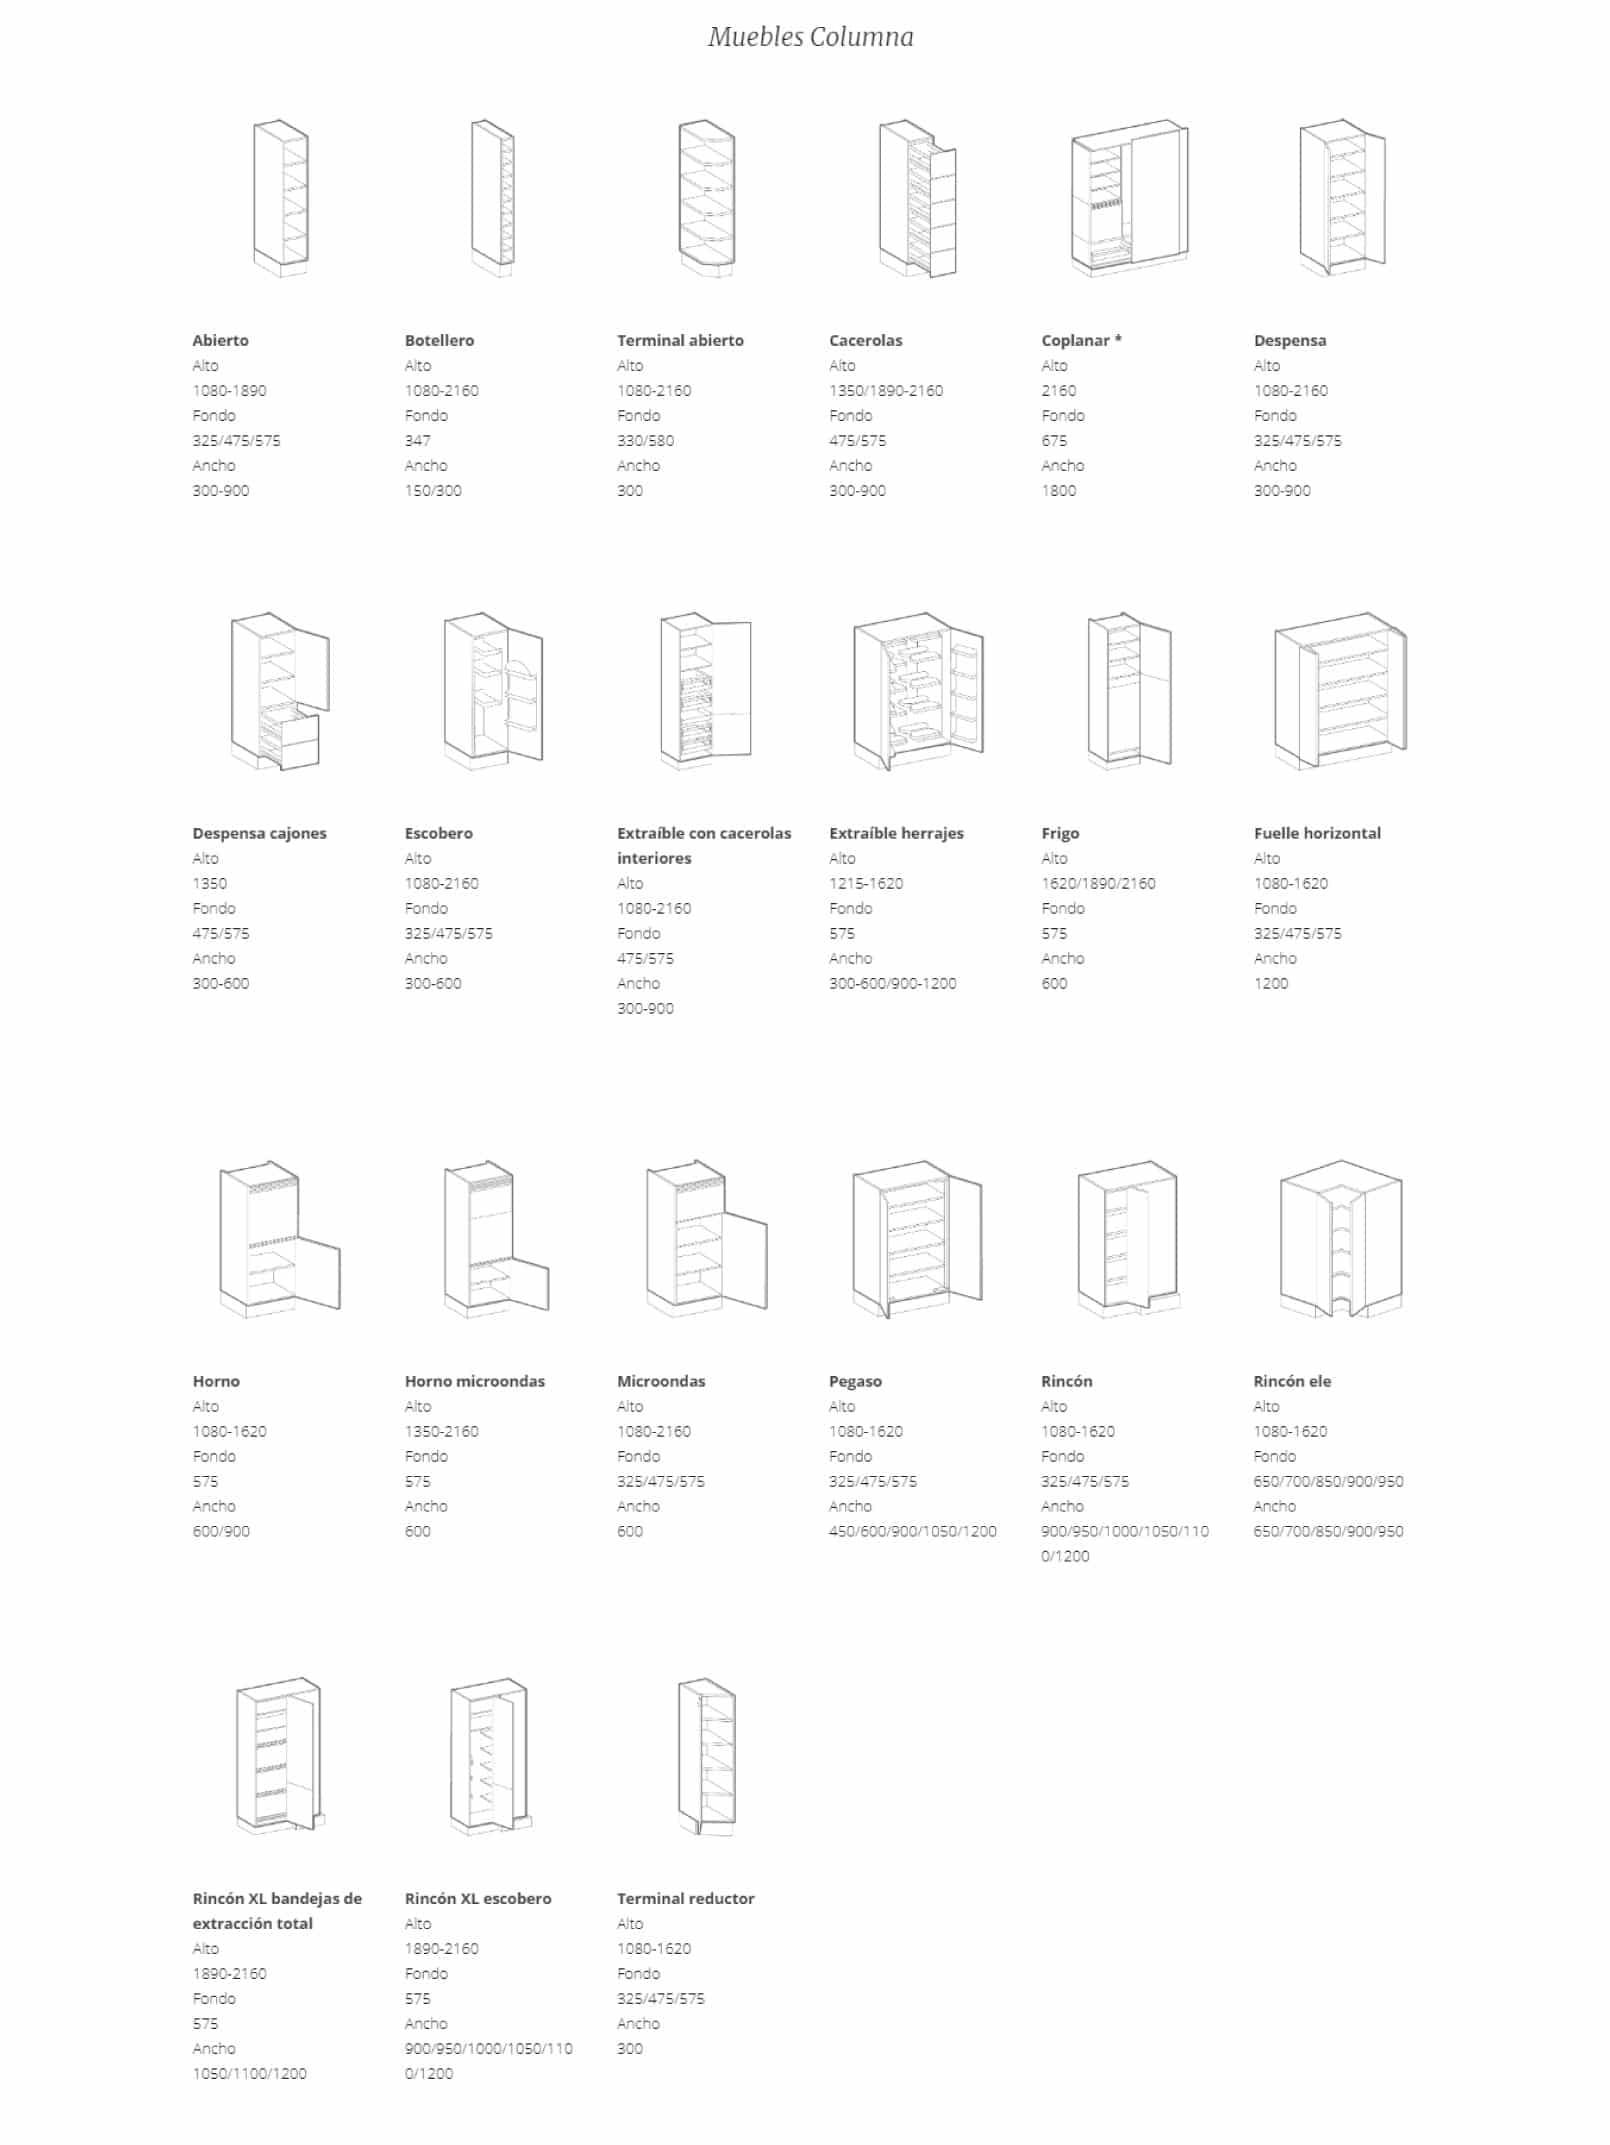 Tipos de muebles de cocina columna